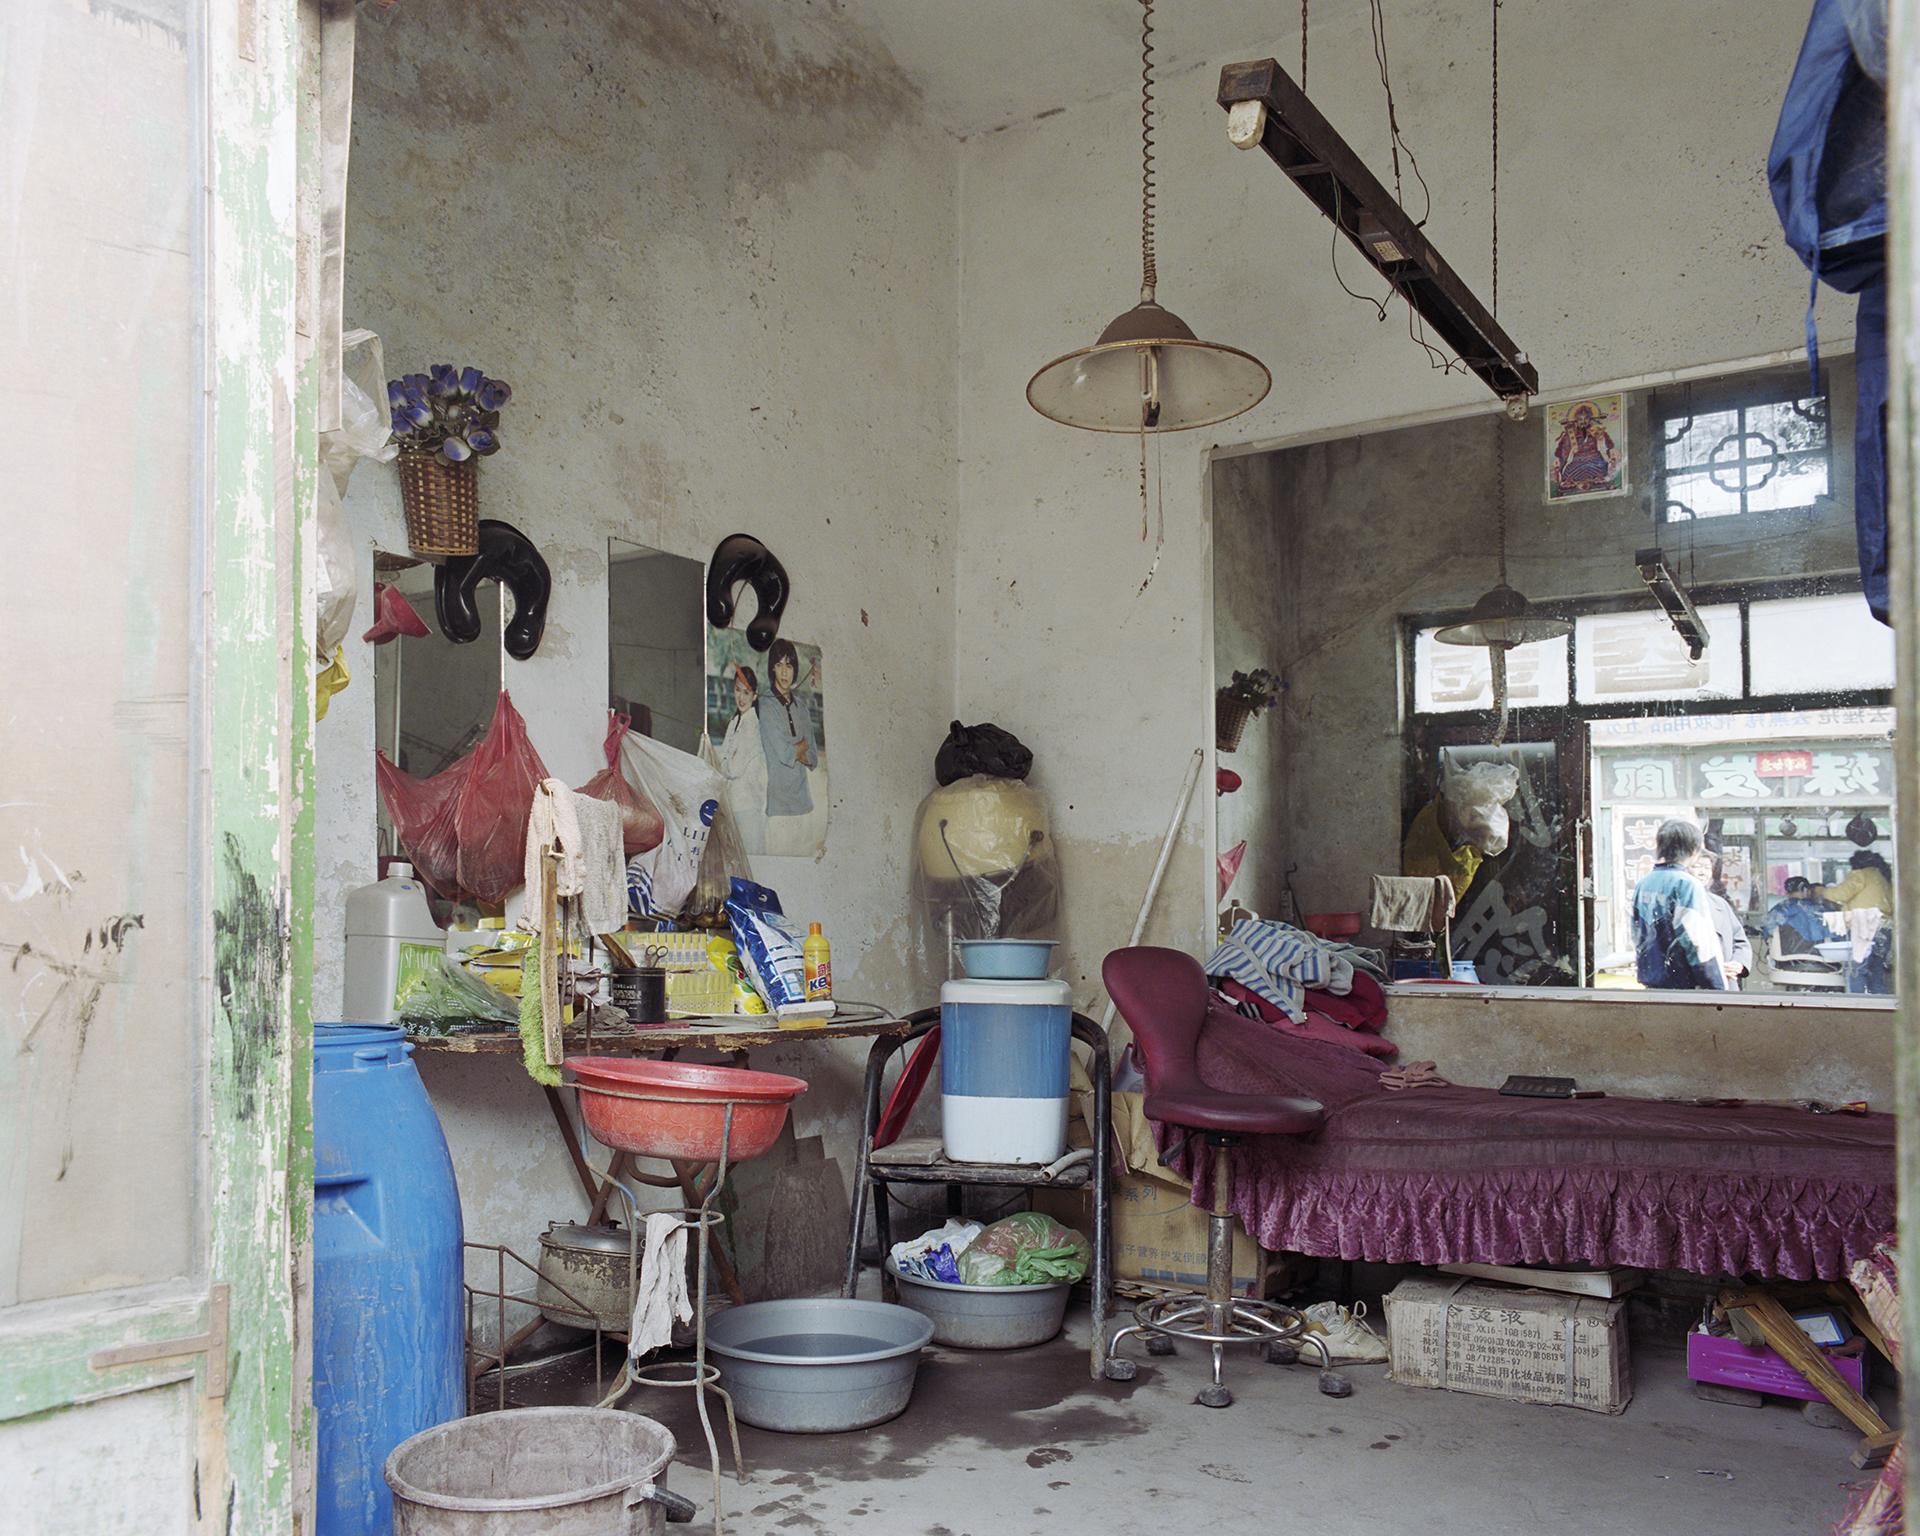 Hairdessers's shop.